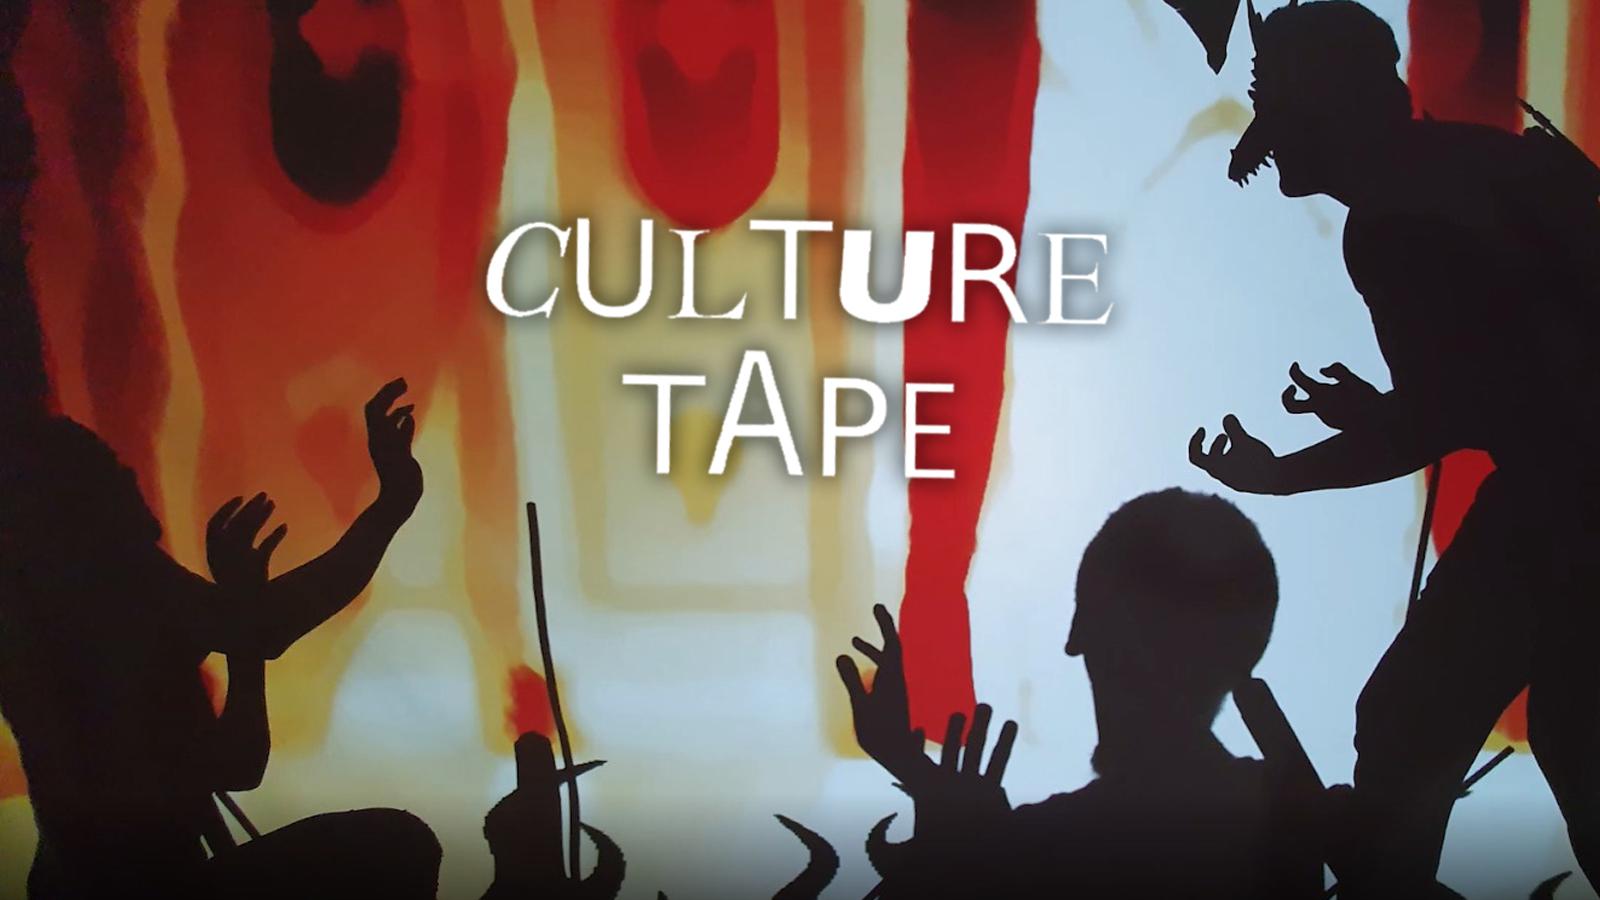 Culture Tape